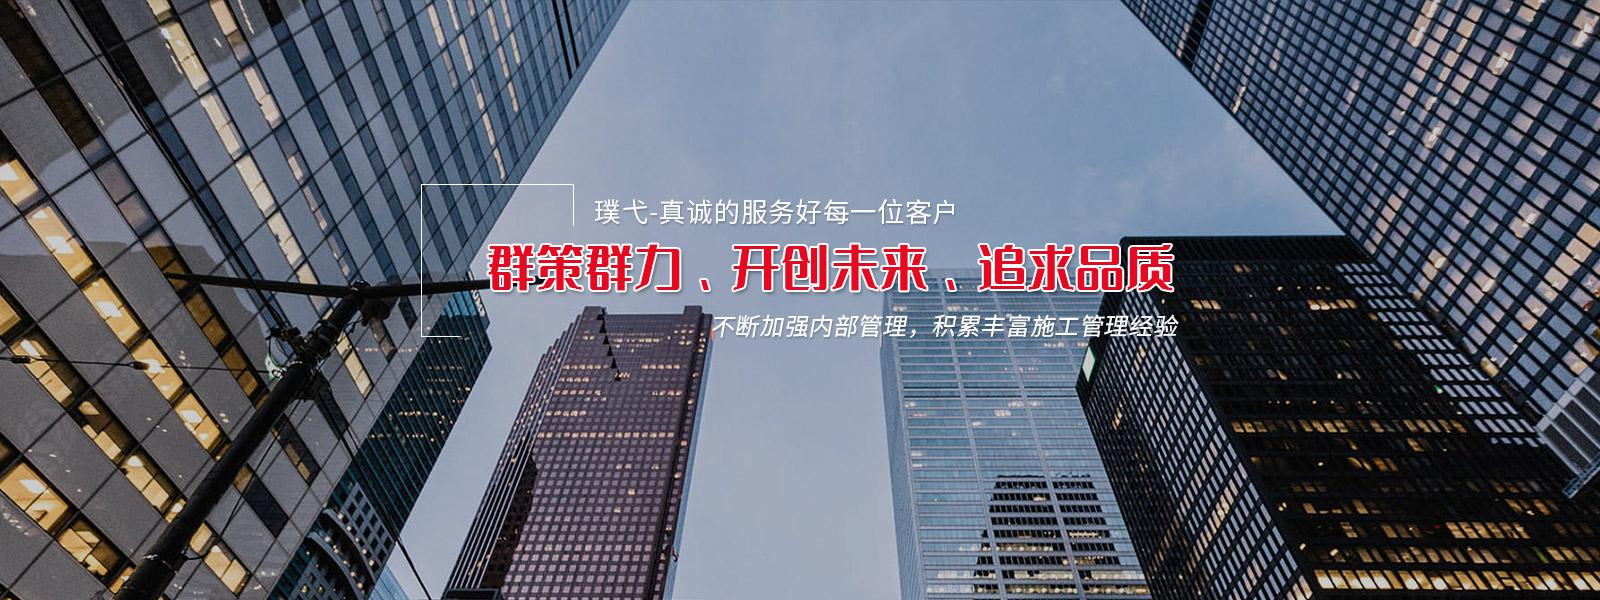 上海璞弋机械有限公司